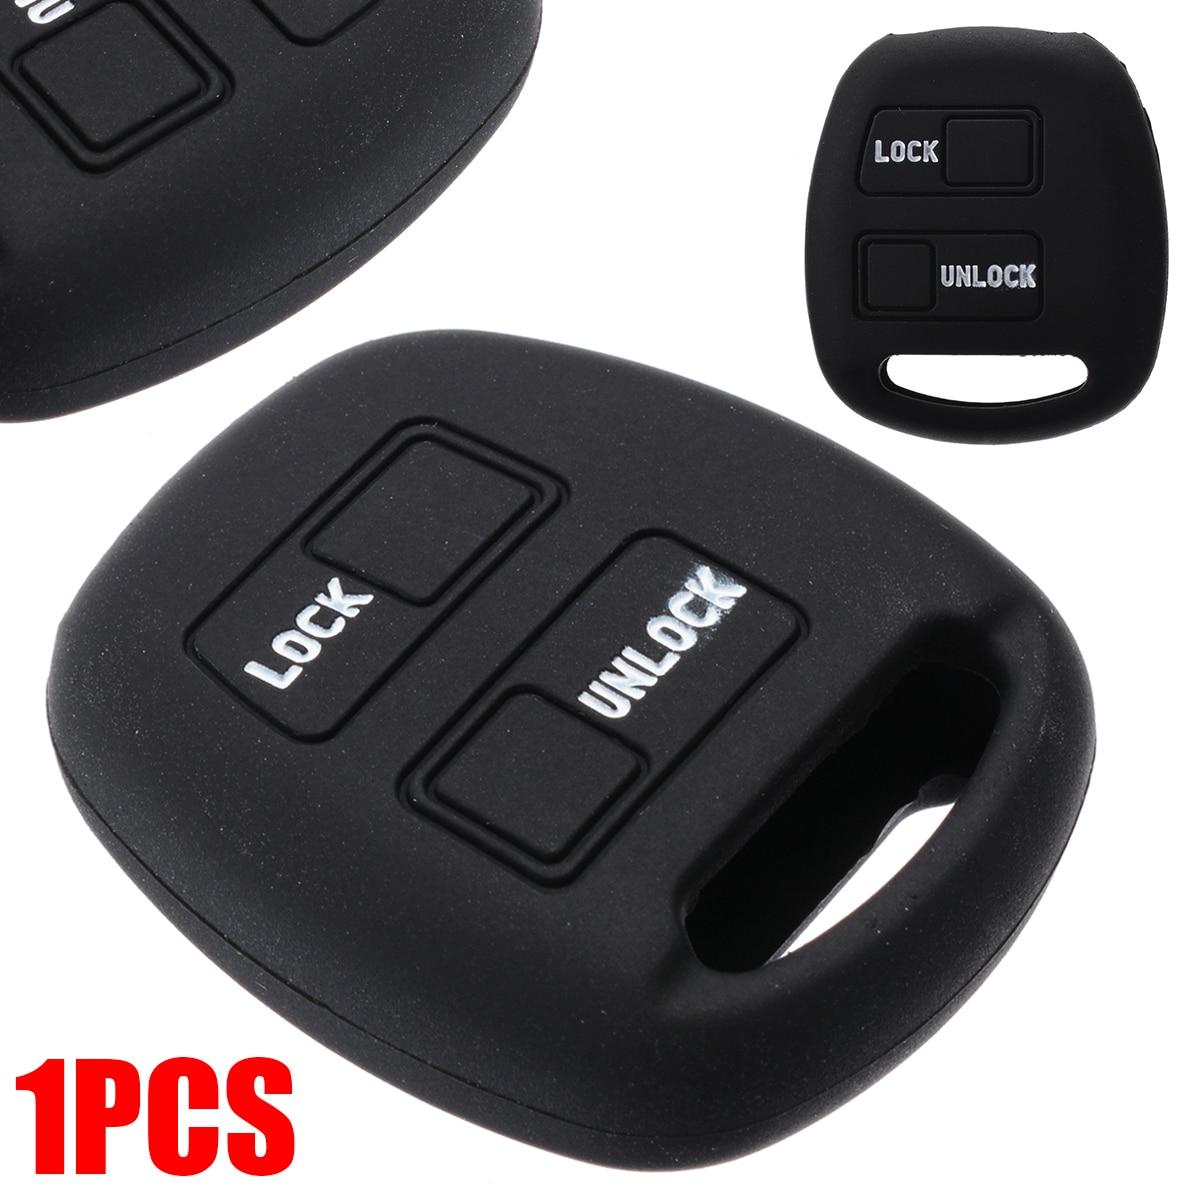 Funda de silicona para la mando de 3 botones para el Land Cruiser en negro Cover